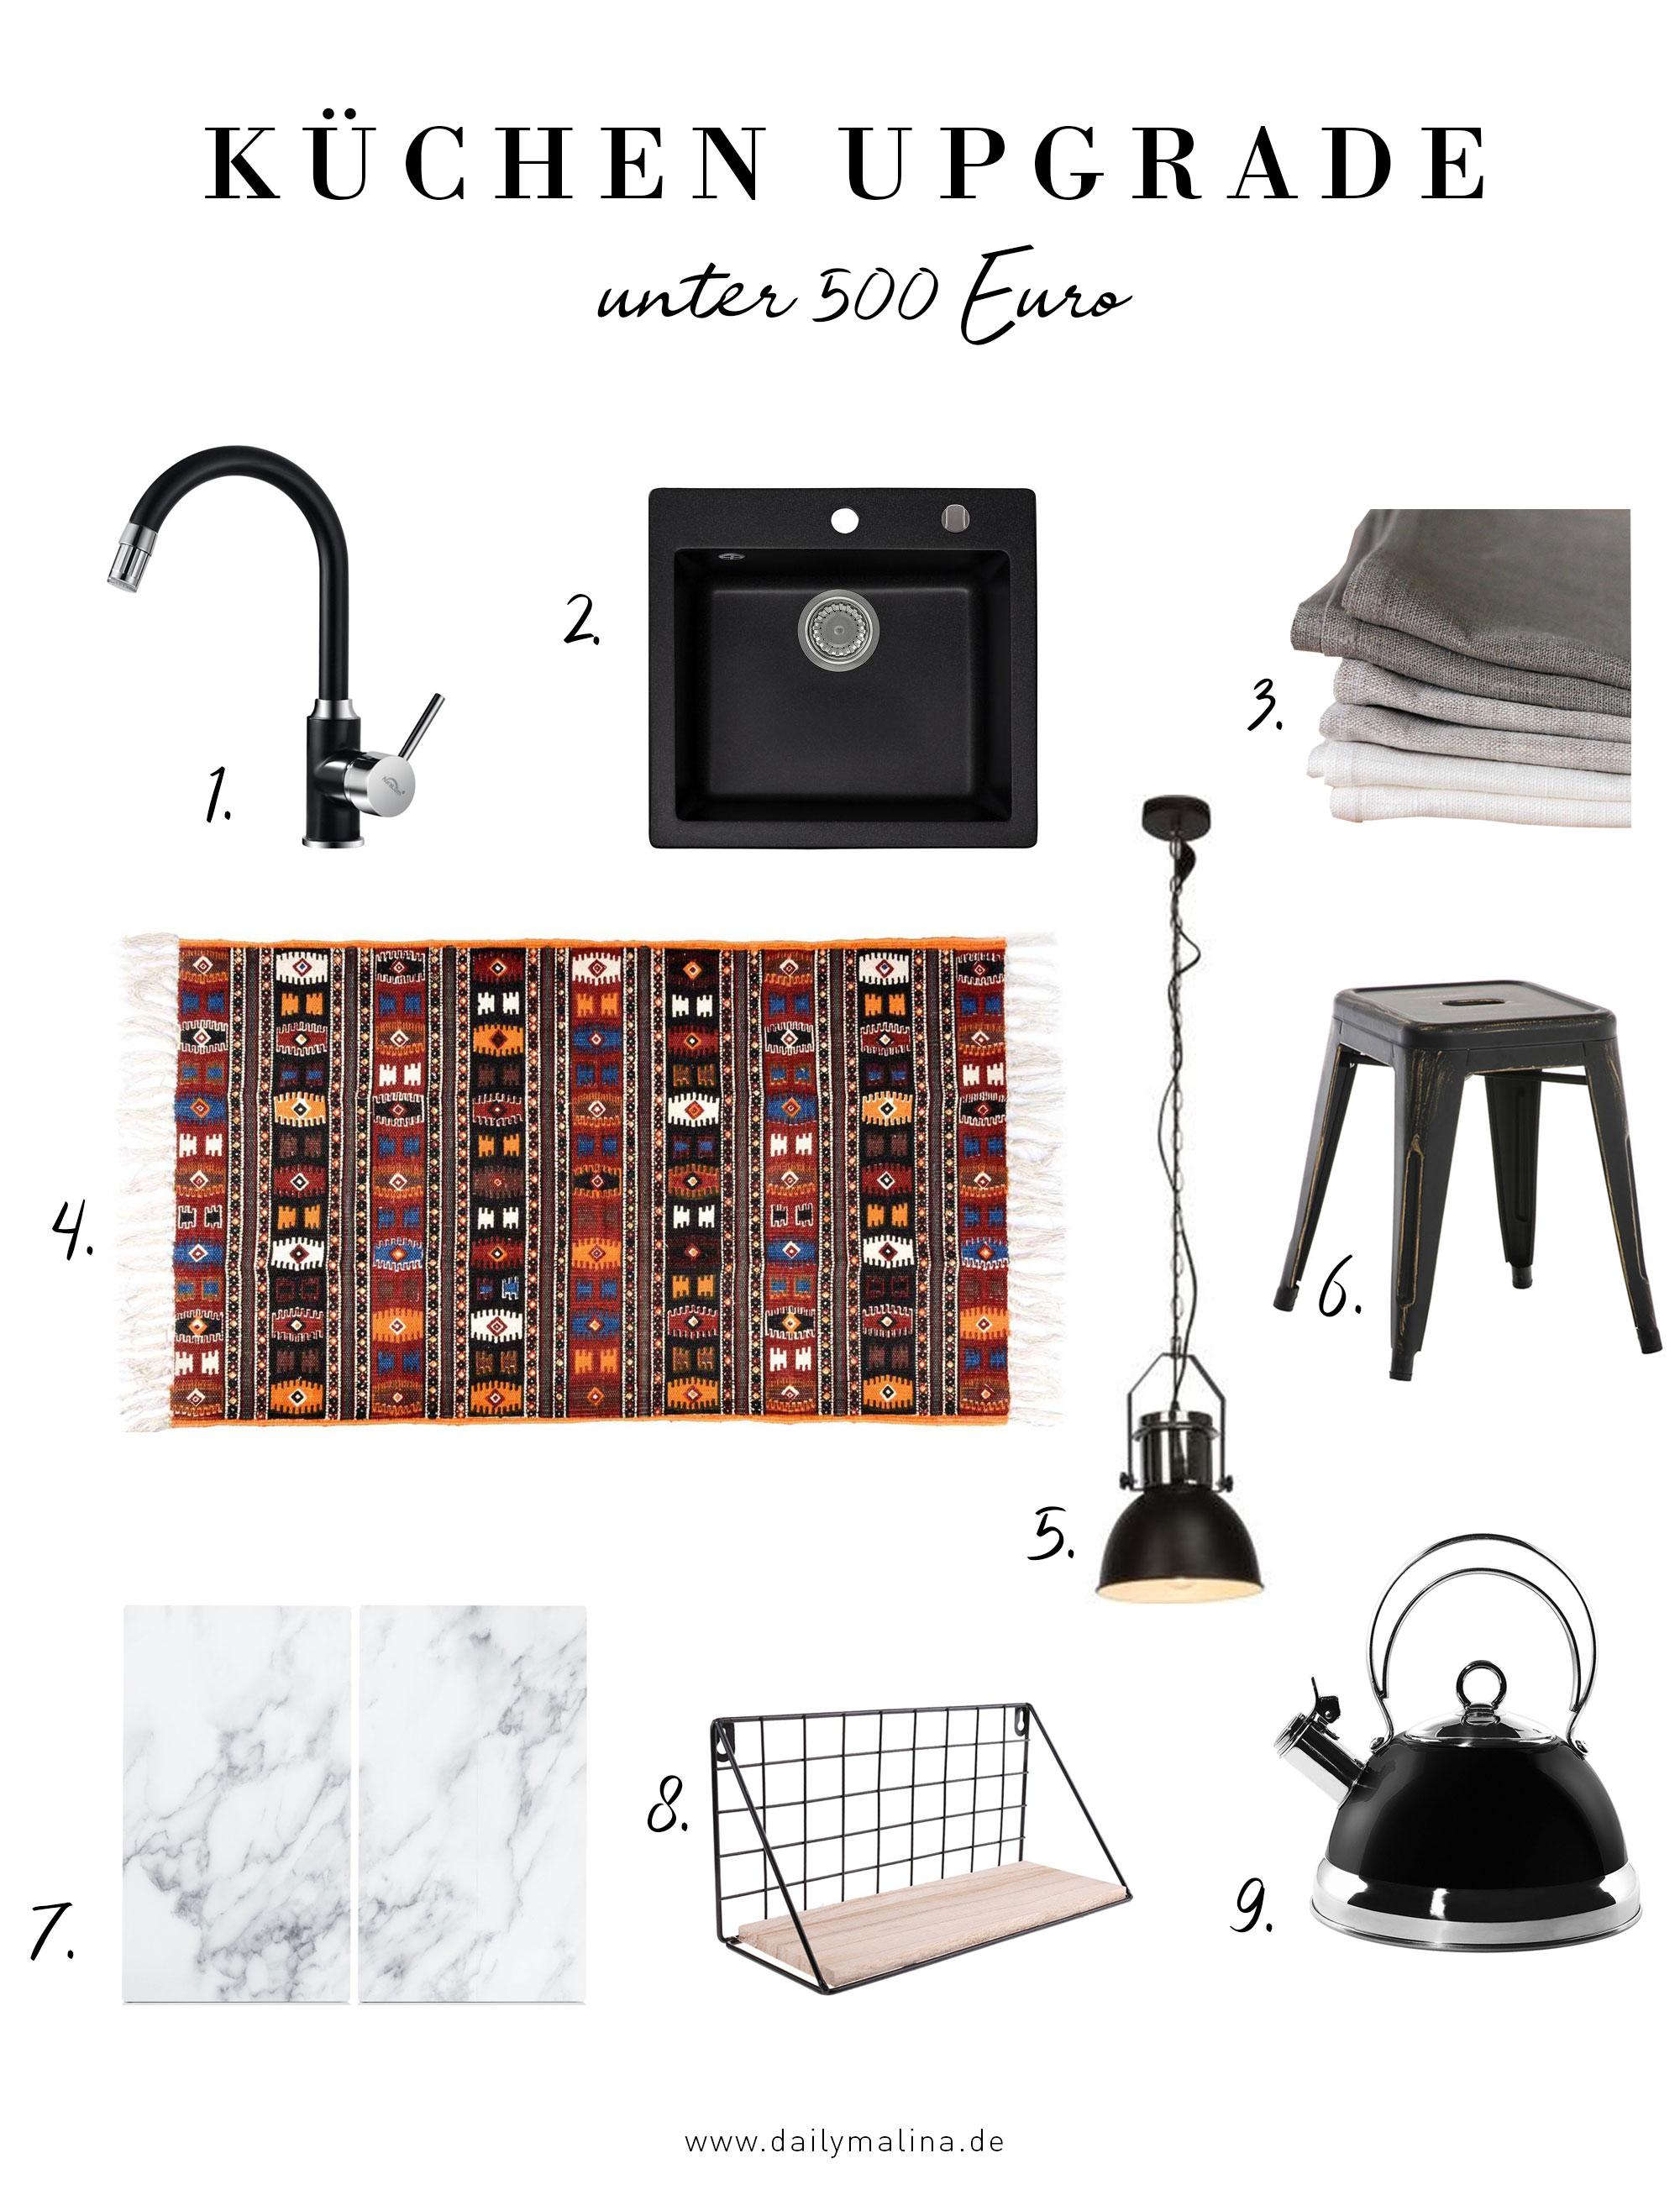 Großartig Euro Küche Bangalore Ideen - Ideen Für Die Küche ...